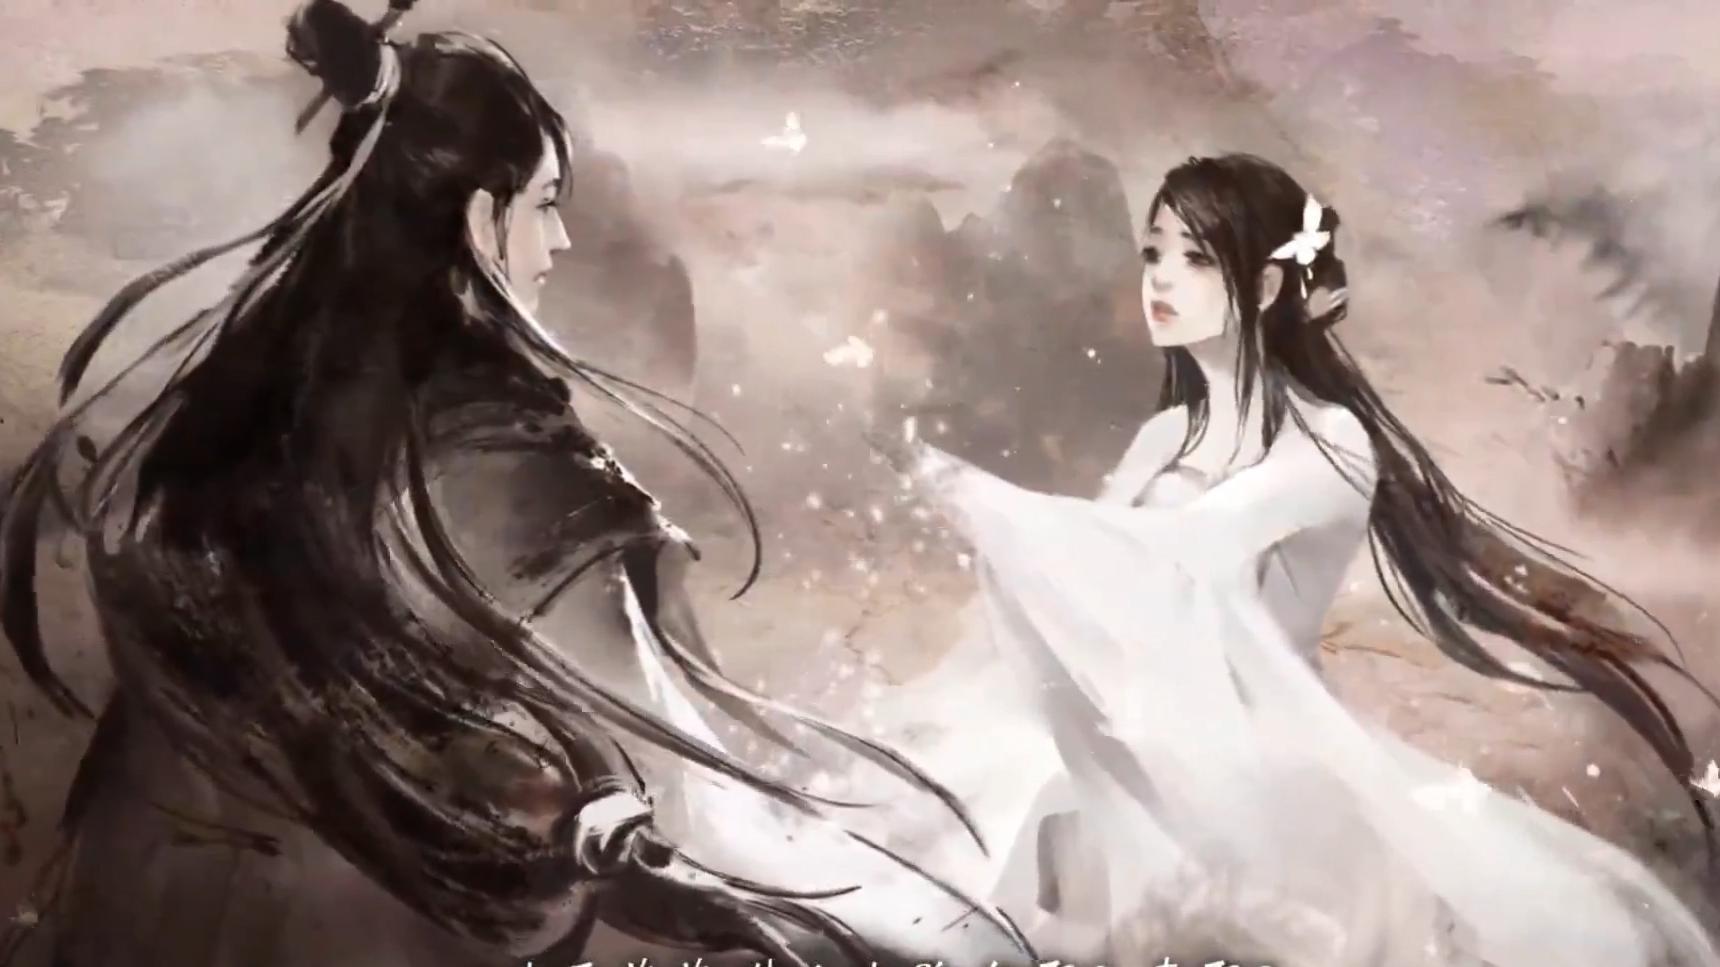 【A站独家】凉凉【辰昱&张梓义】和灯哥的合唱来了!【MAD】